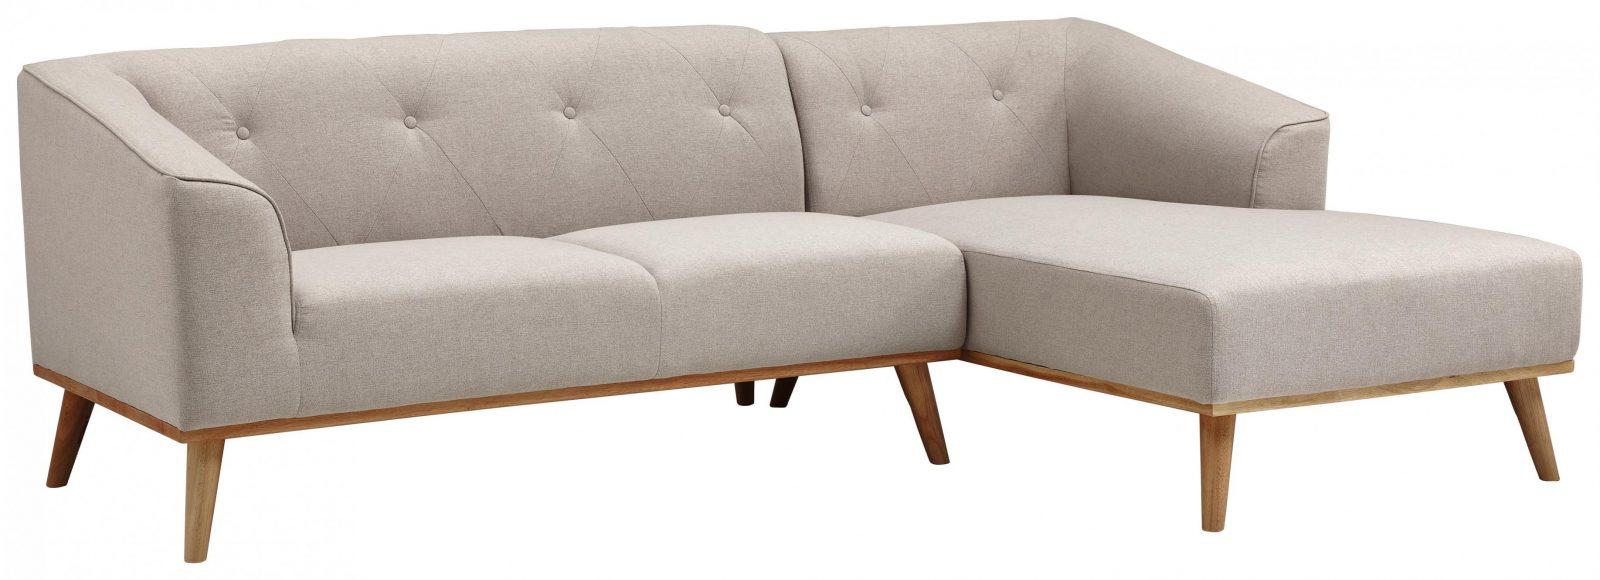 Wohnlandschaften Online Kaufen Topauswahl Xxxlutz von Couch Mit Bettfunktion Günstig Bild